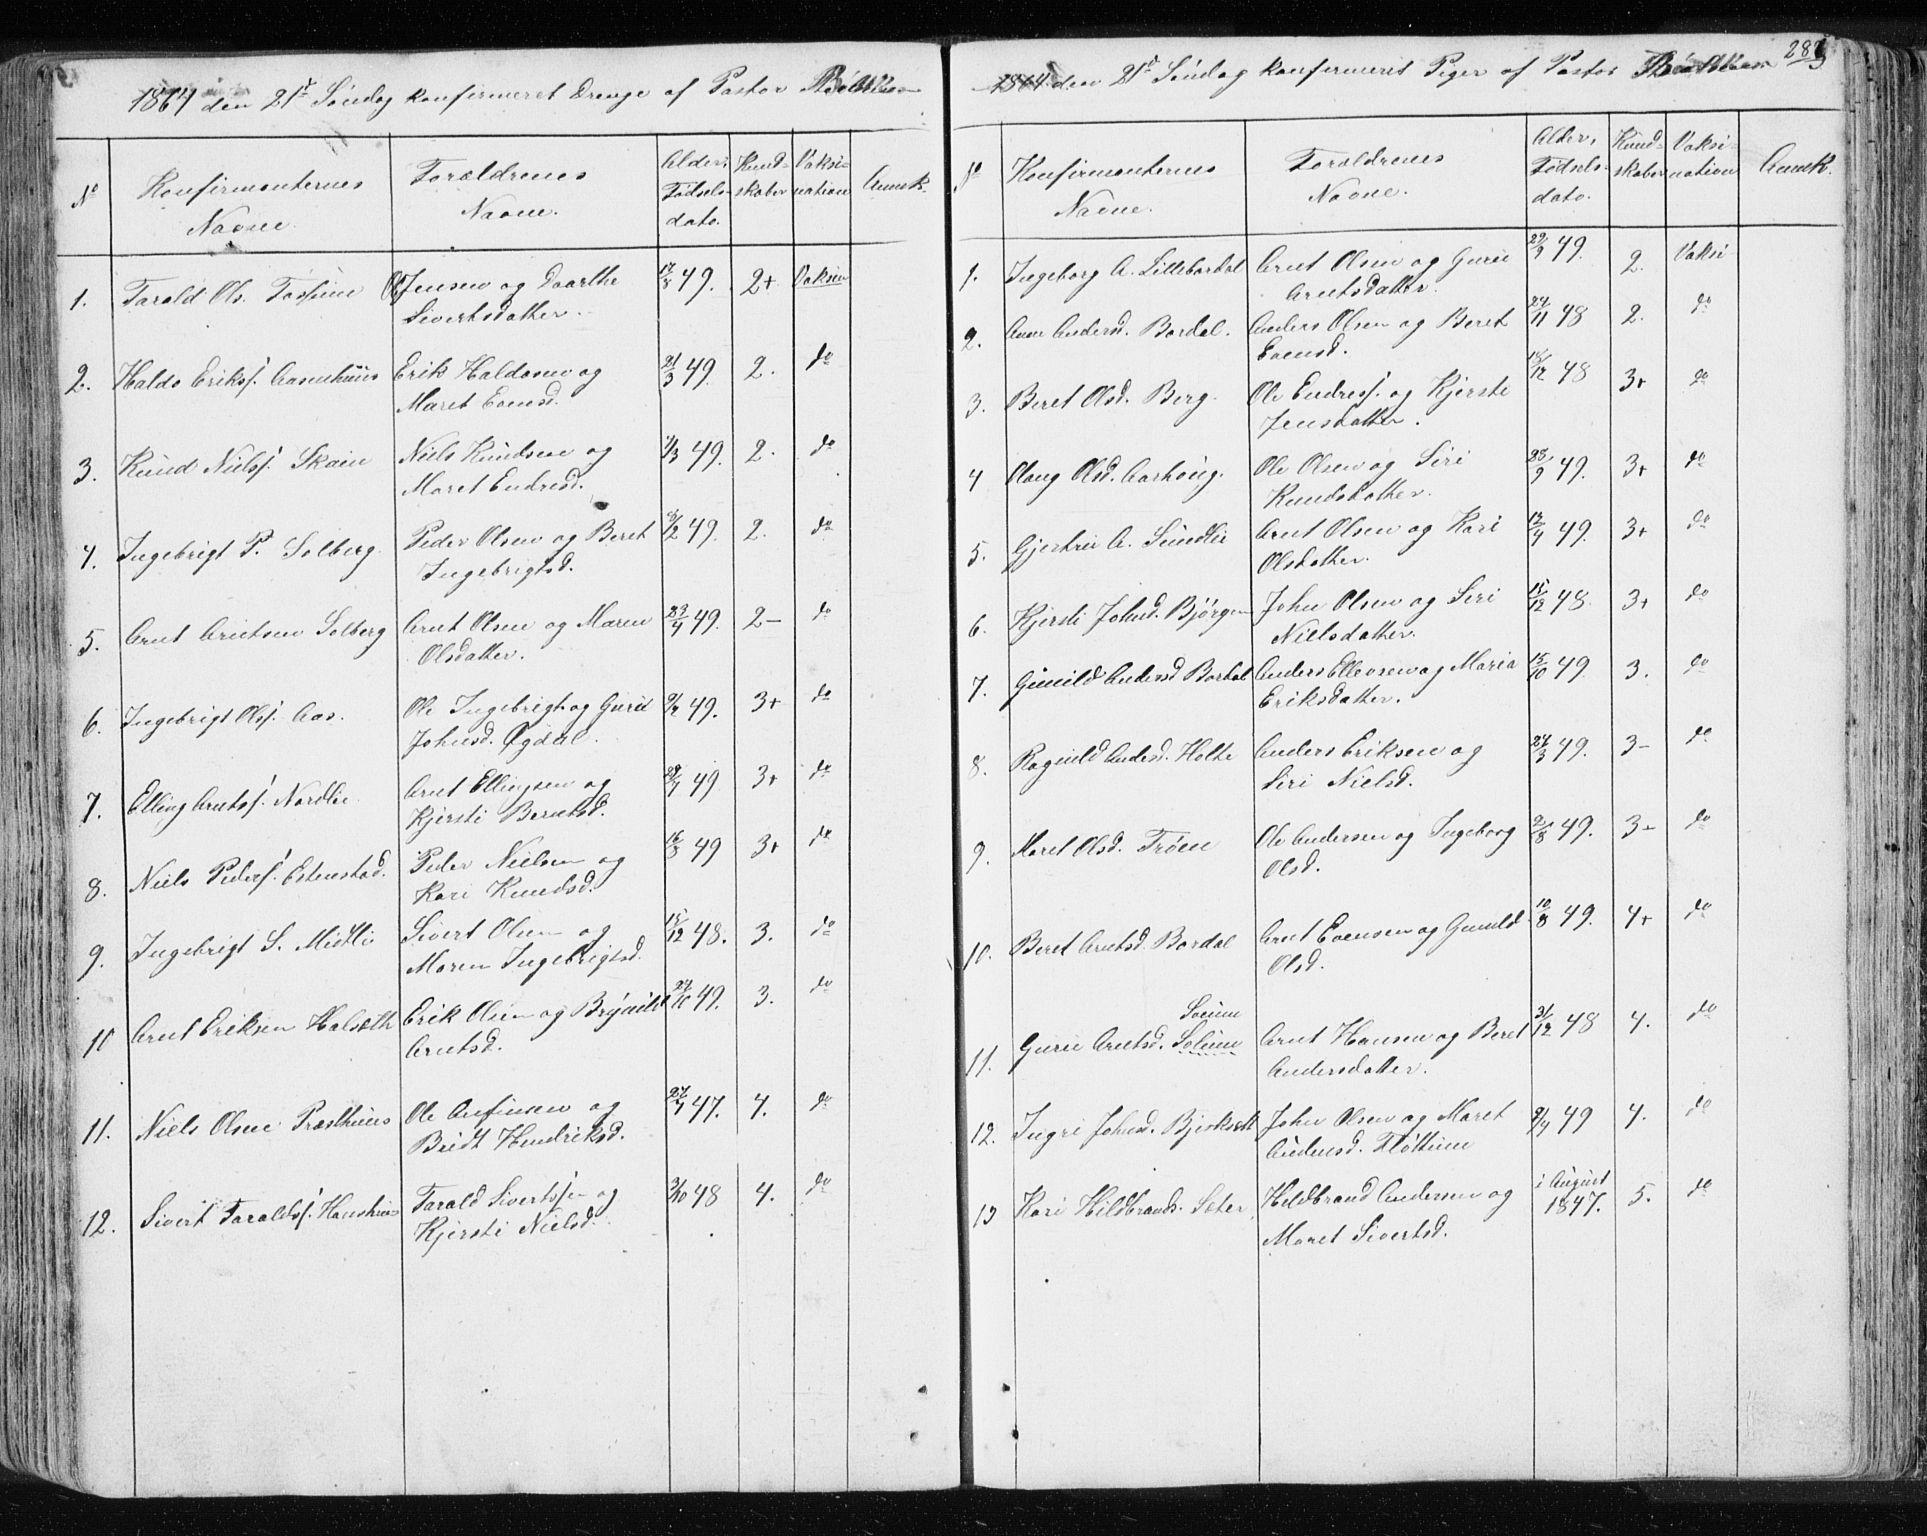 SAT, Ministerialprotokoller, klokkerbøker og fødselsregistre - Sør-Trøndelag, 689/L1043: Klokkerbok nr. 689C02, 1816-1892, s. 285